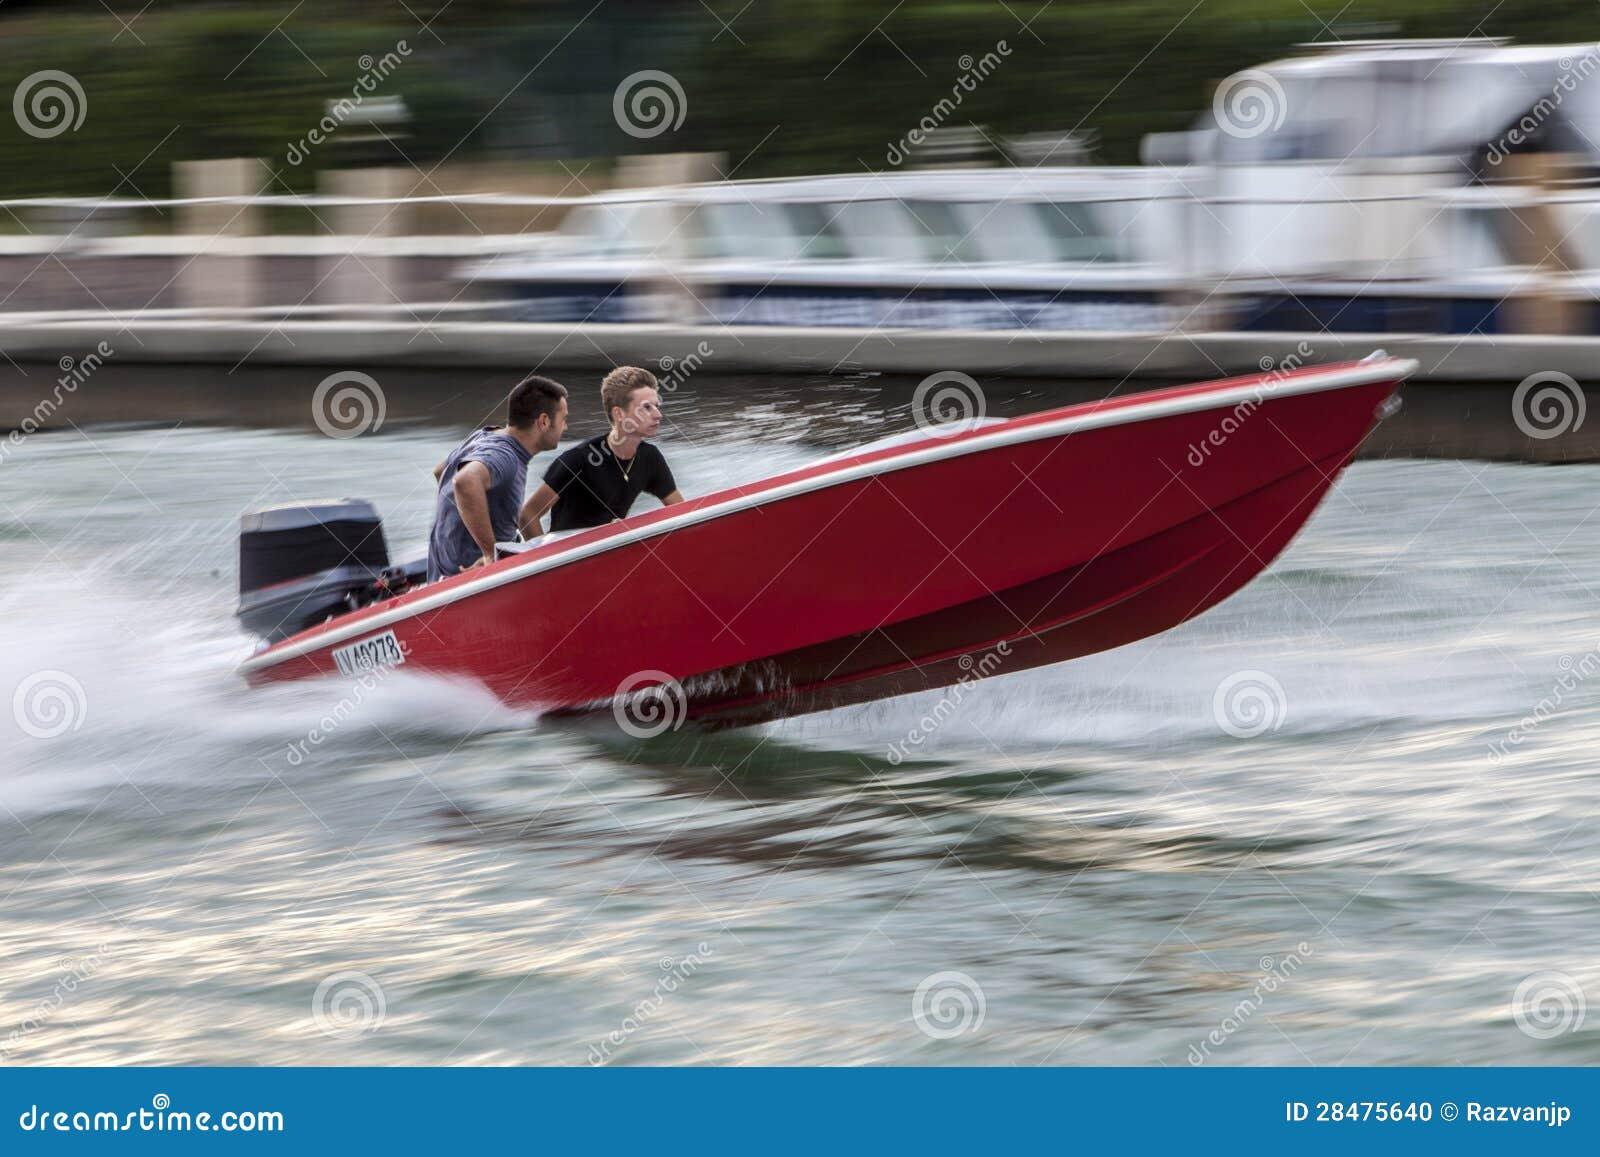 venice italy speed boats - photo#7